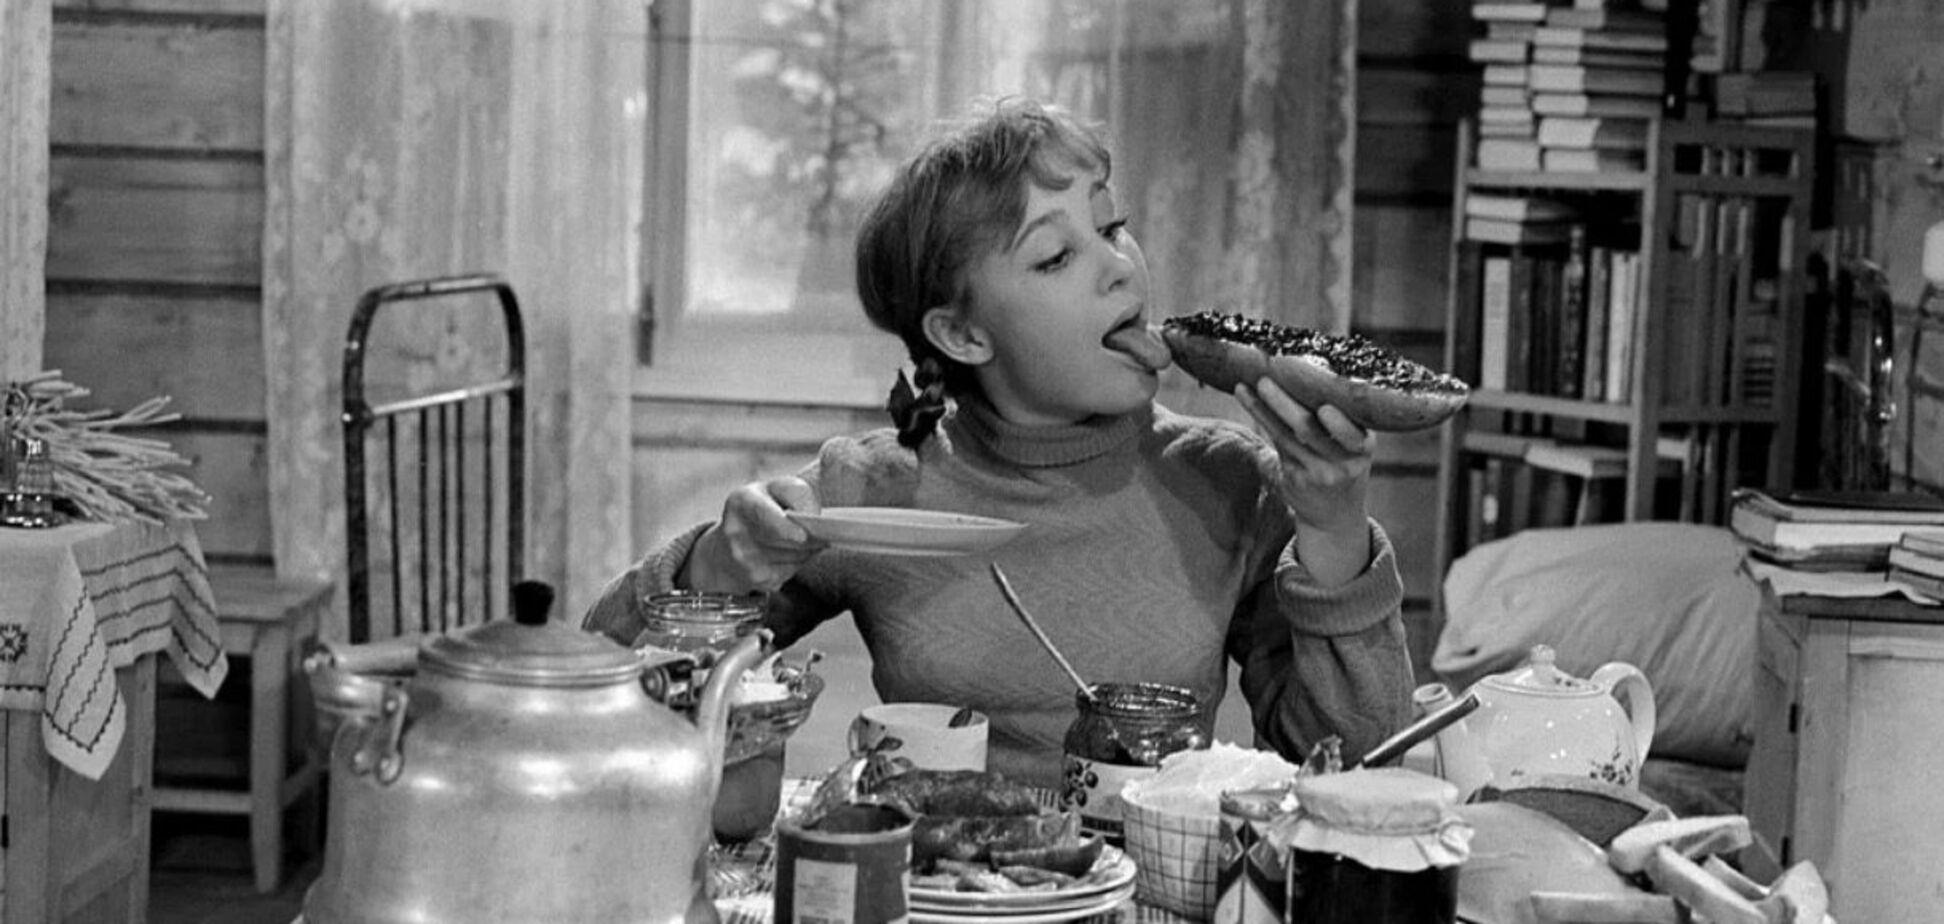 Чому жінки в кіно СРСР були сірими мишами: приклади фільмів